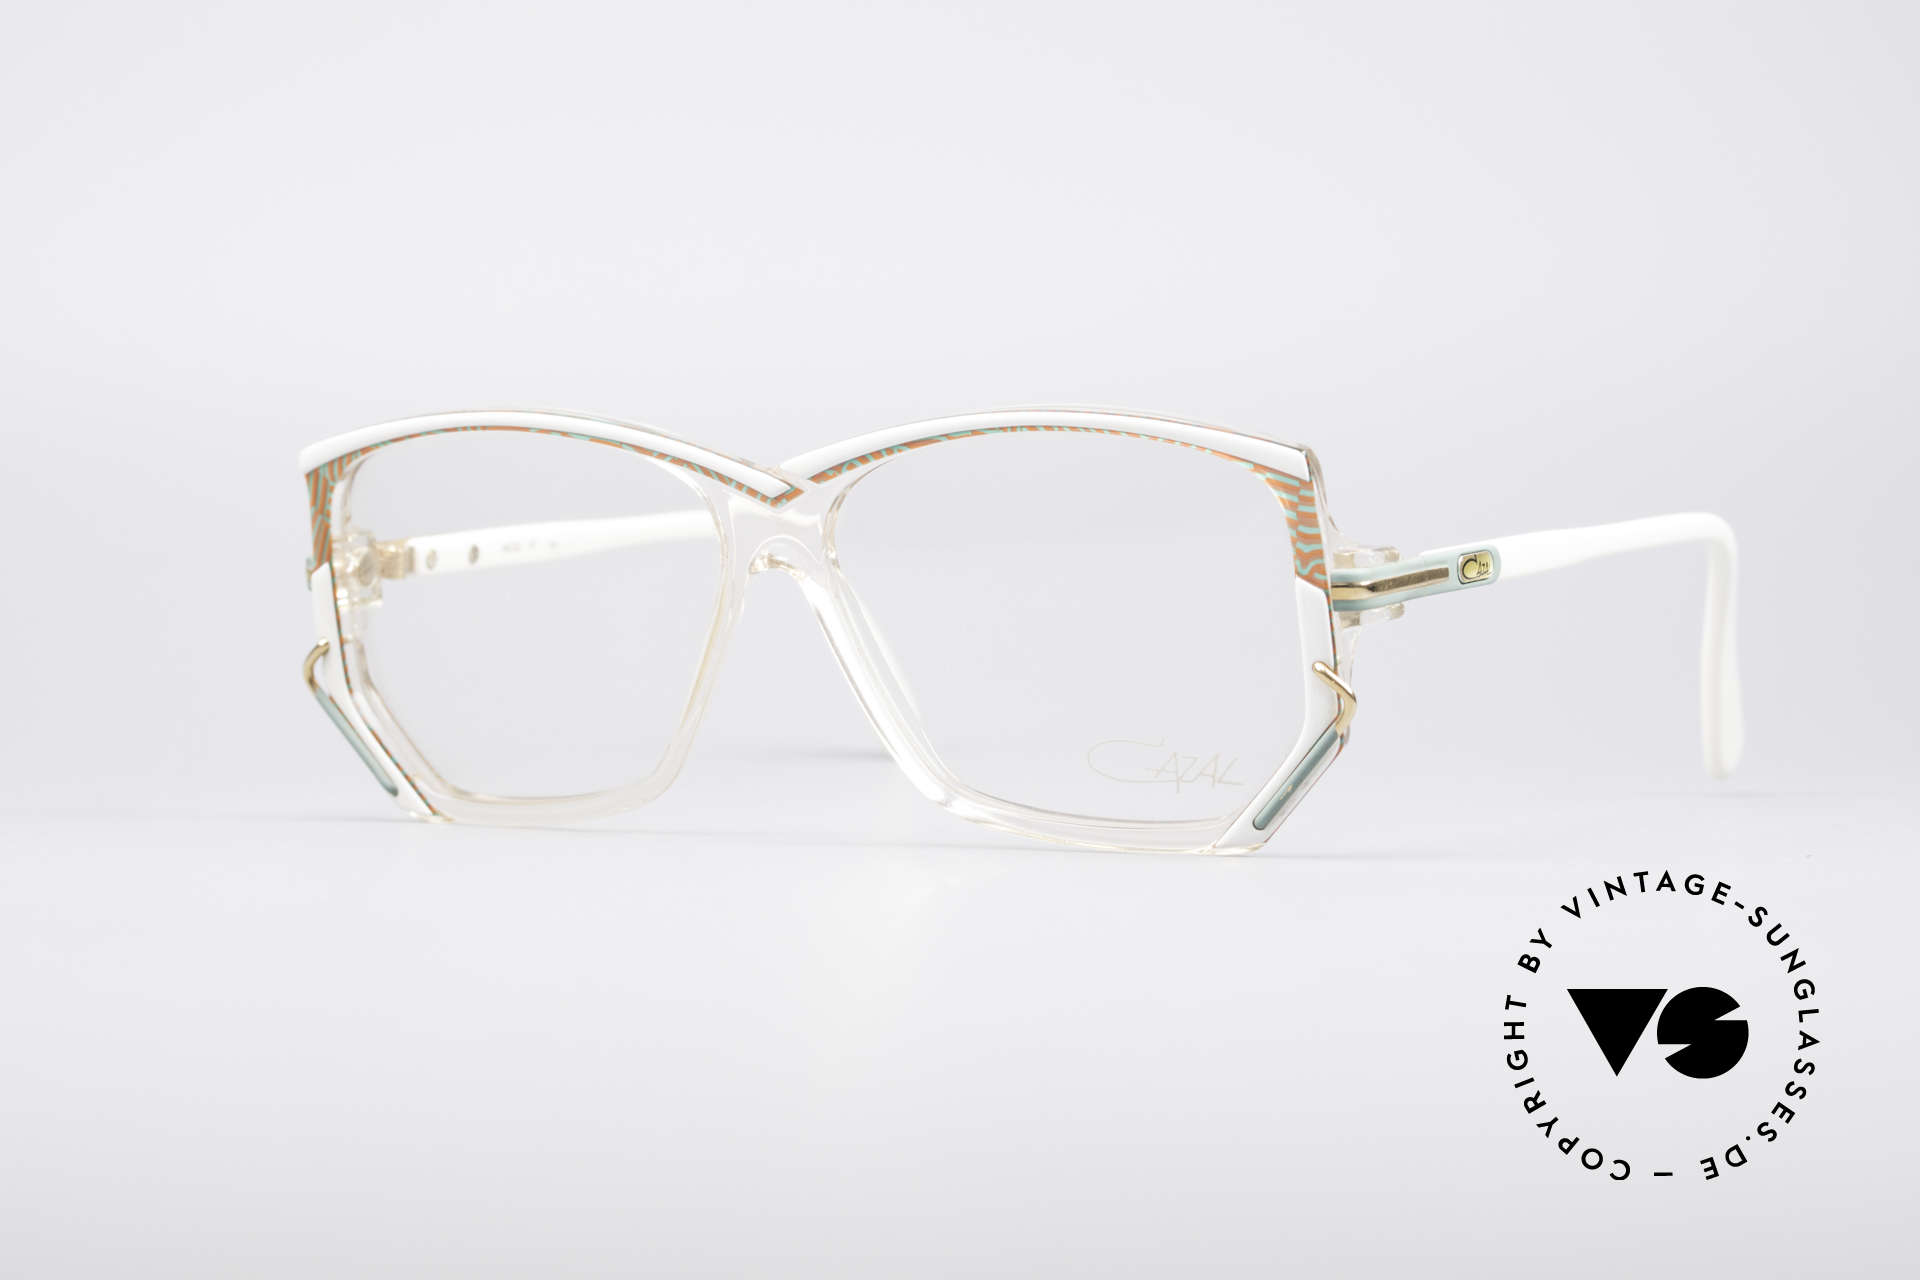 Cazal 197 80er Vintage Designerbrille, vintage CAZAL Designer-Brillenfassung von 1988/89, Passend für Damen